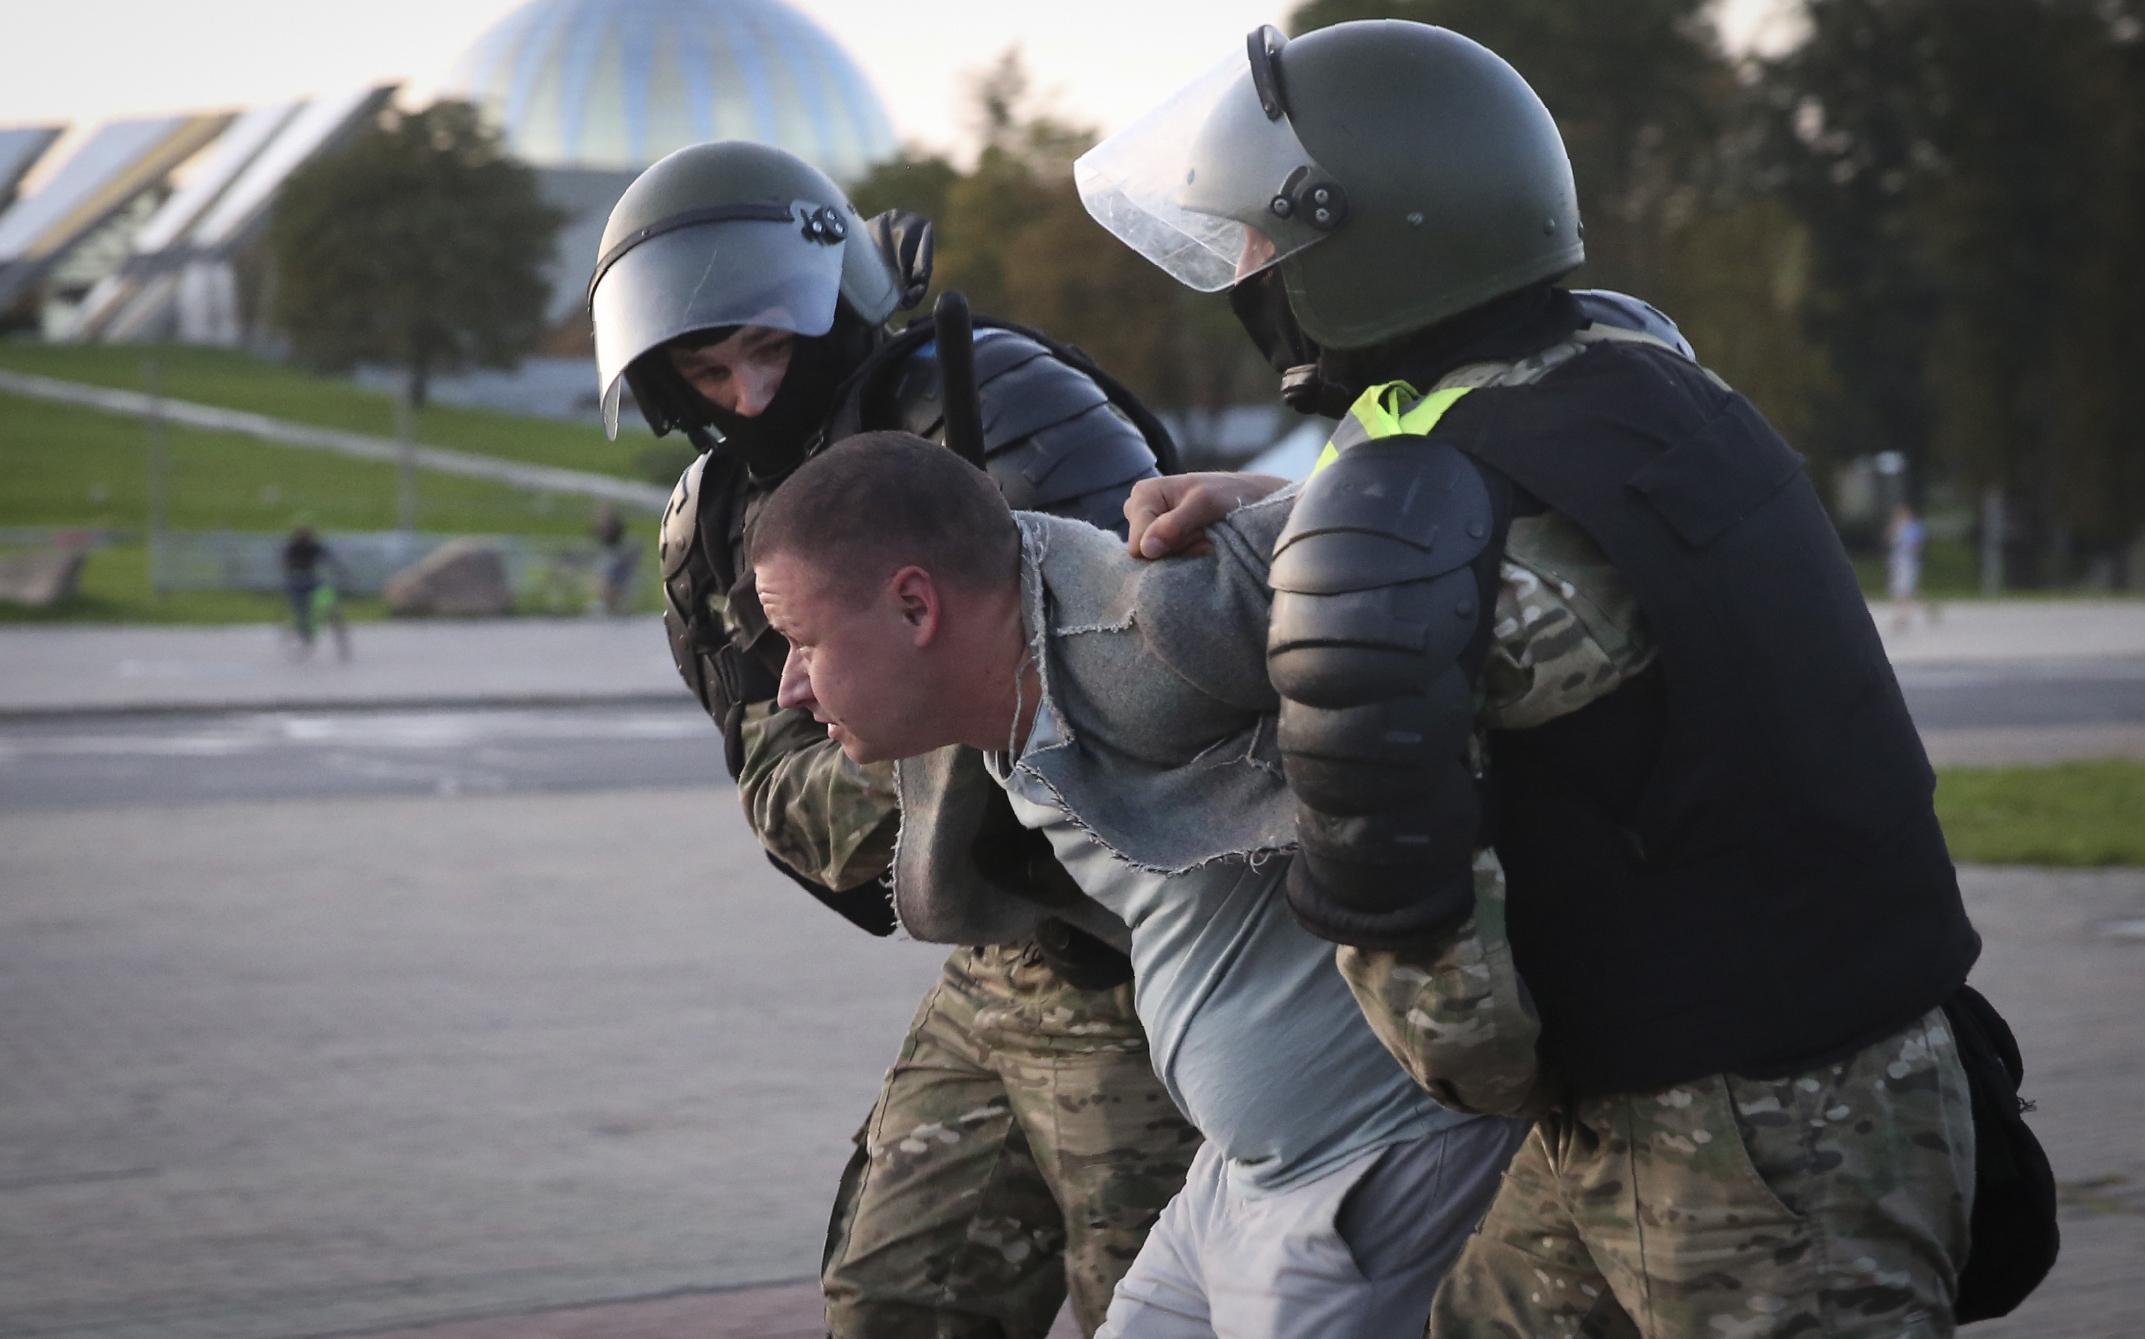 French President Macron Belarus Leader Lukashenko Must Go Time